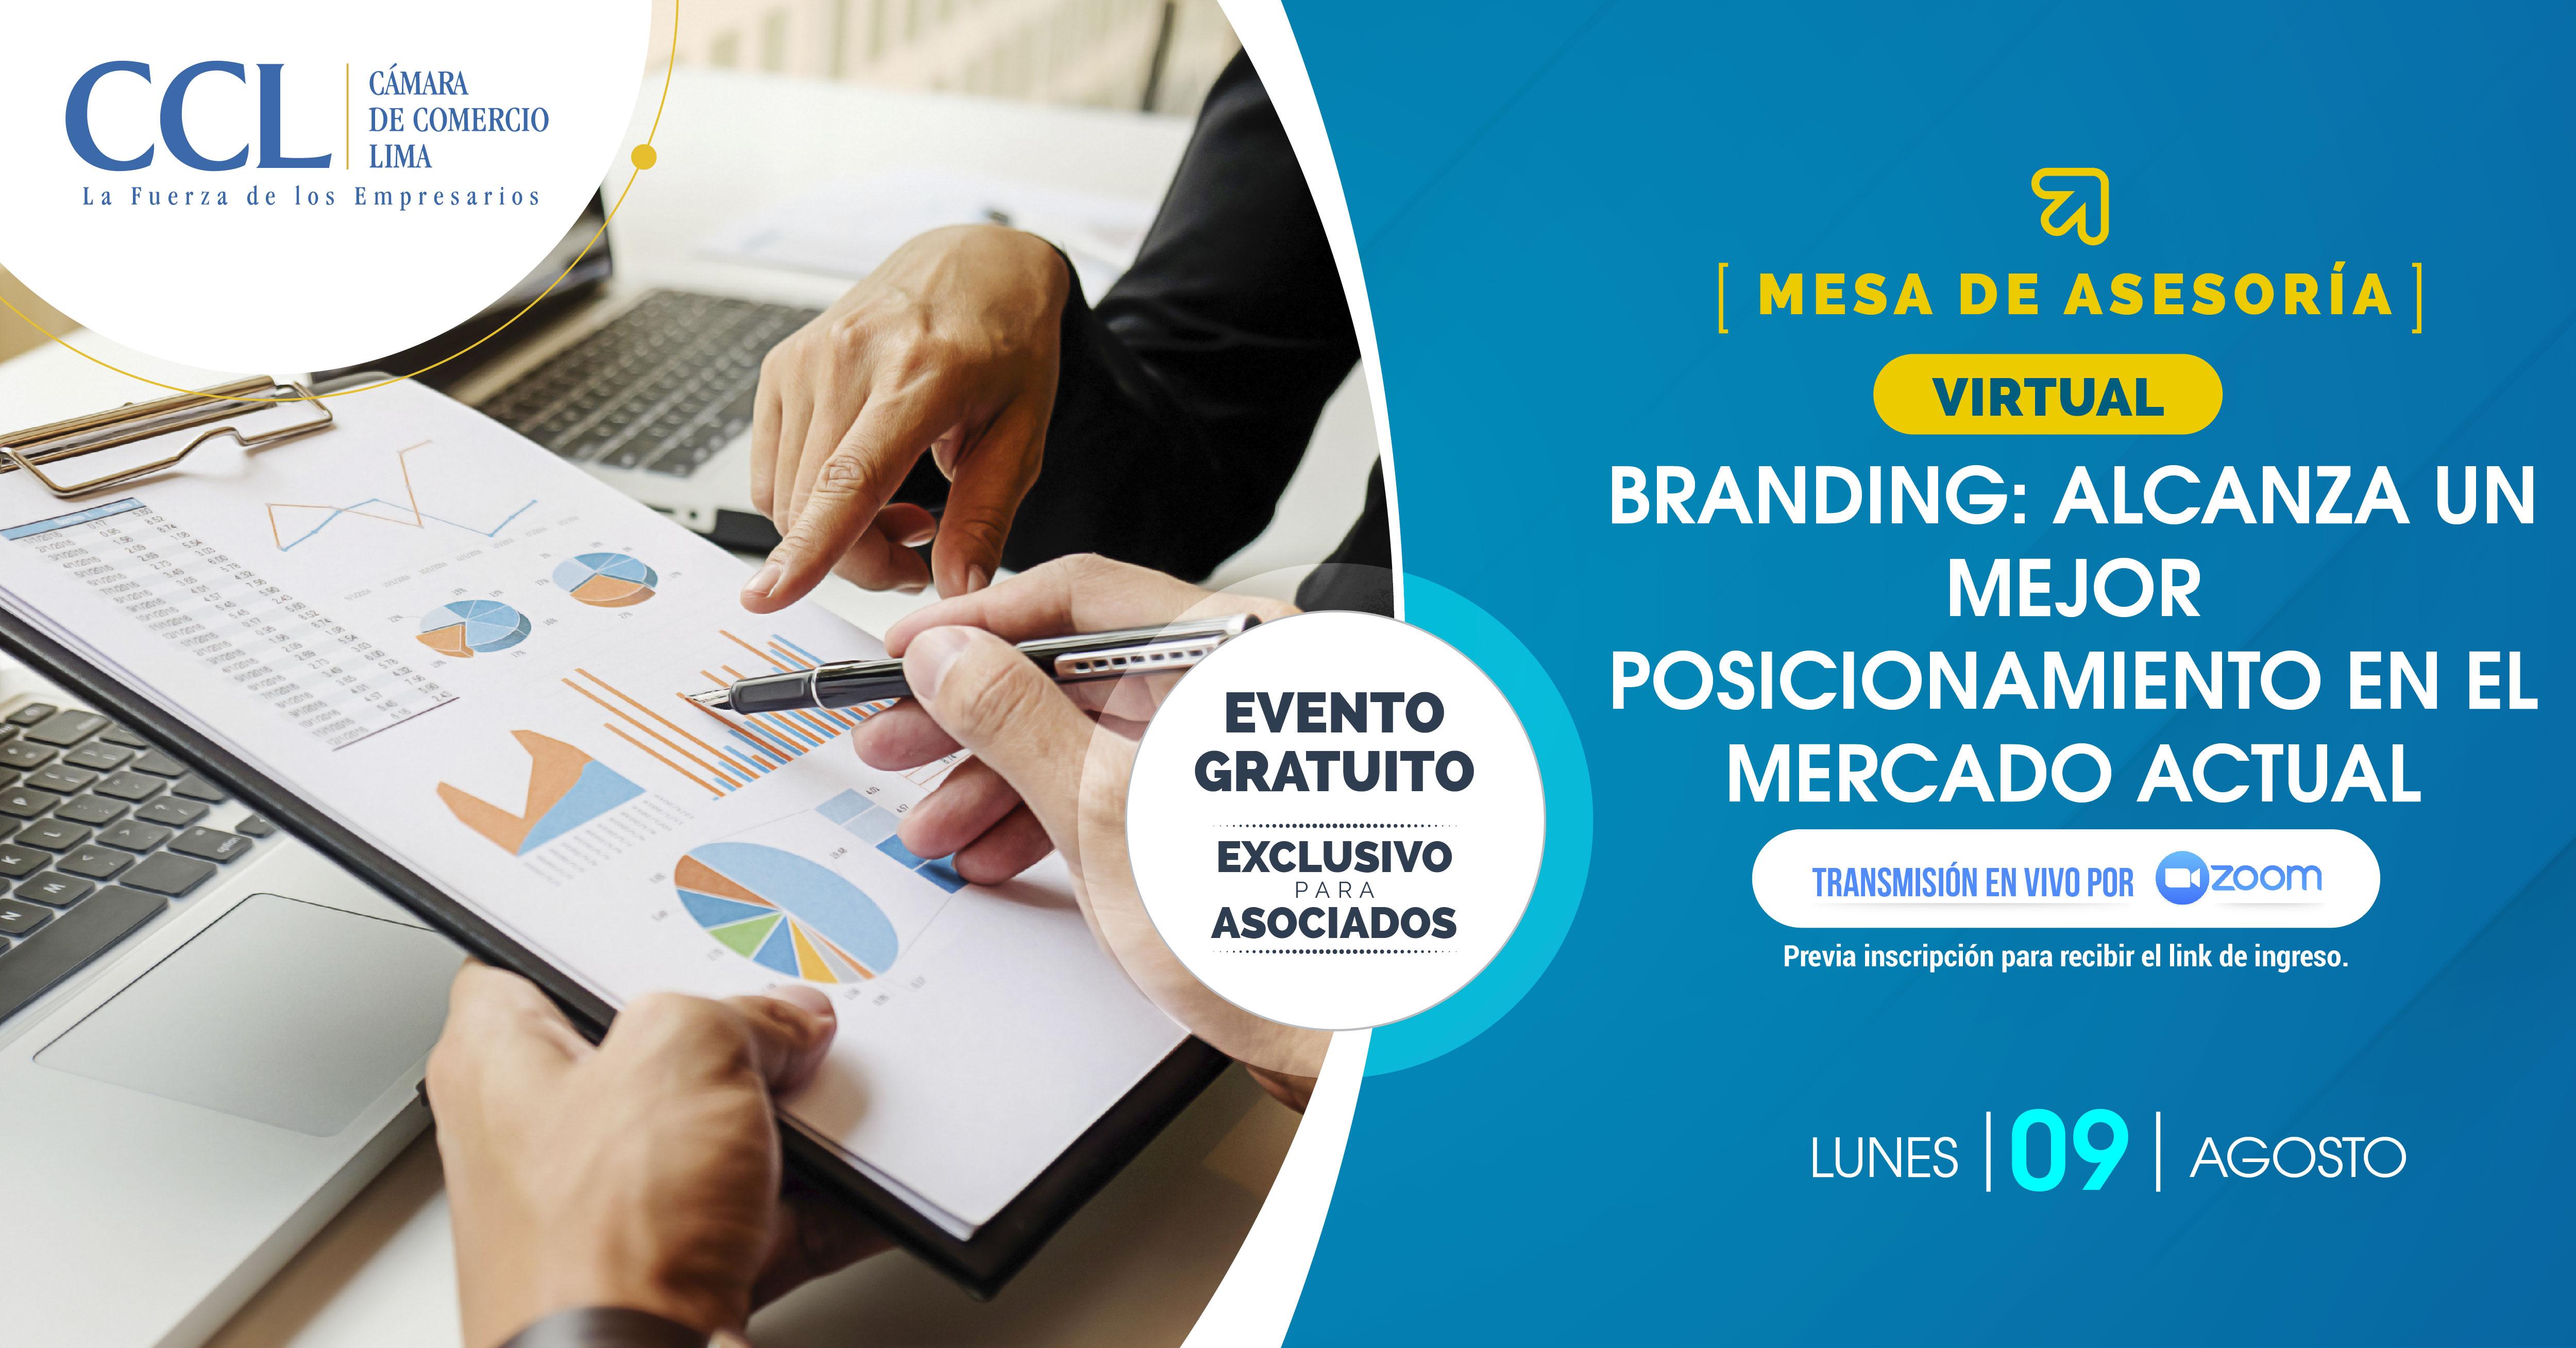 Branding: Alcanza un mejor posicionamiento en el mercado actual